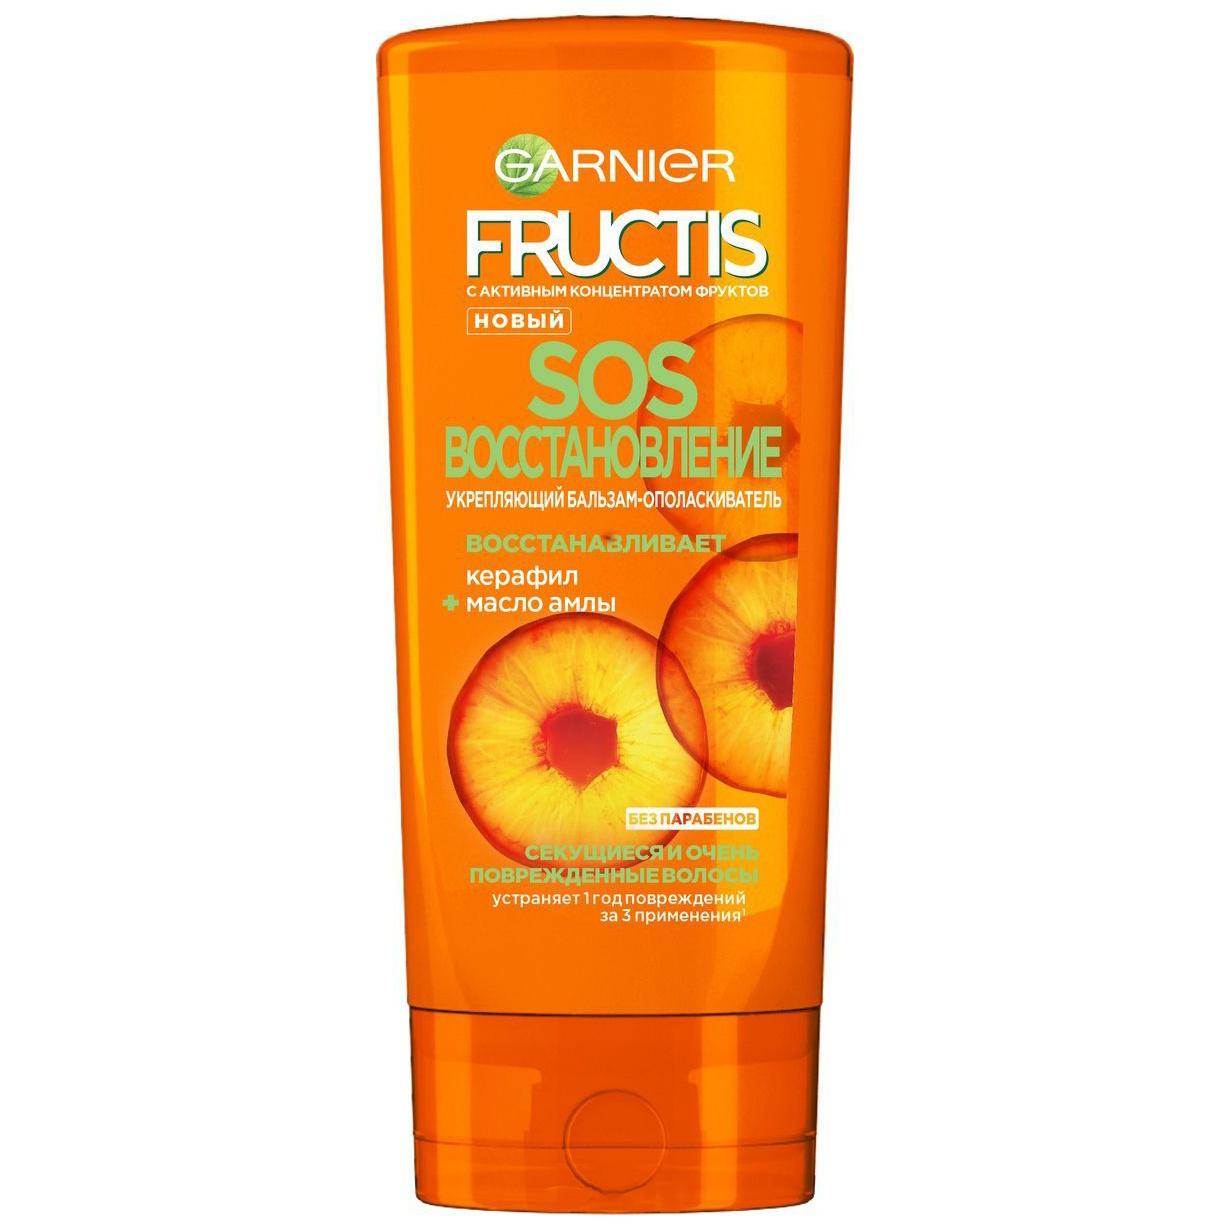 Бальзам для волос Garnier Fructis SOS Восстановление 400 мл